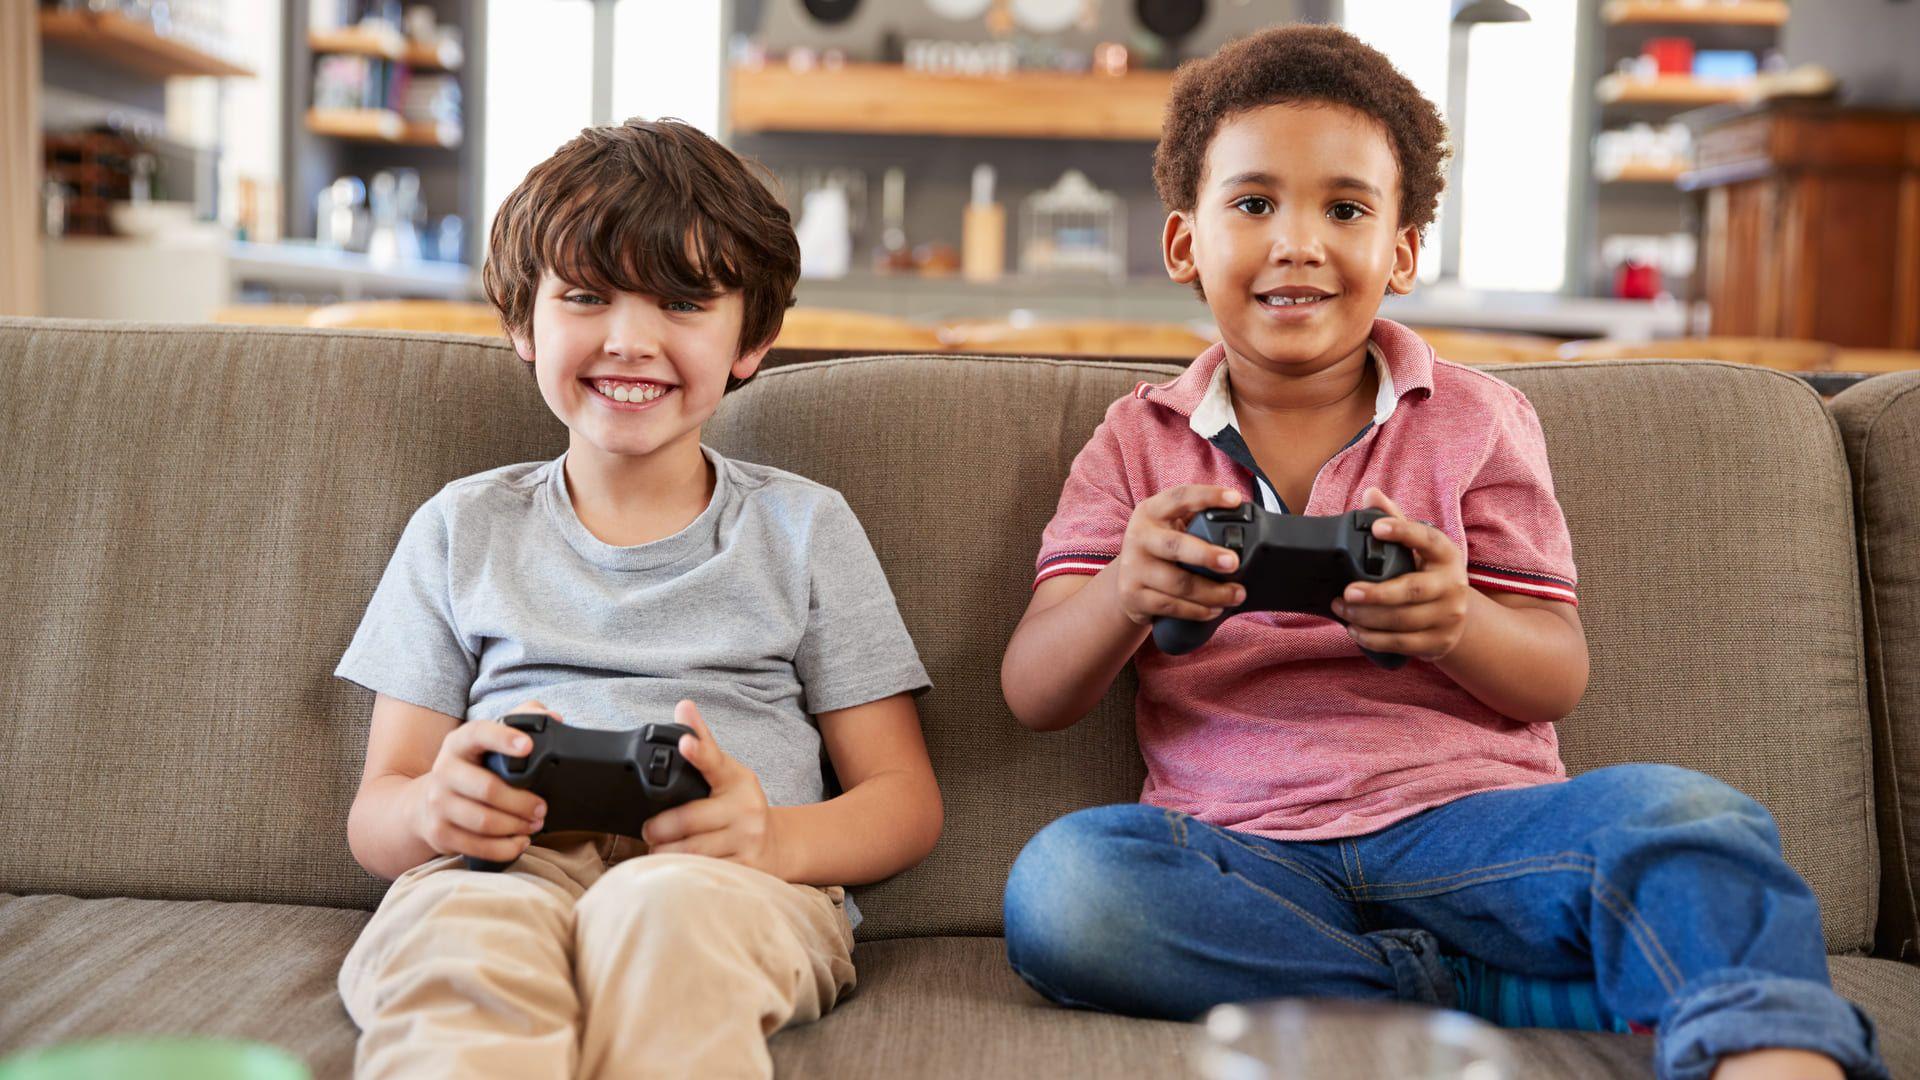 Confira os melhores jogos para crianças de 2020. (Foto: Shutterstock/Monkey Business Images)